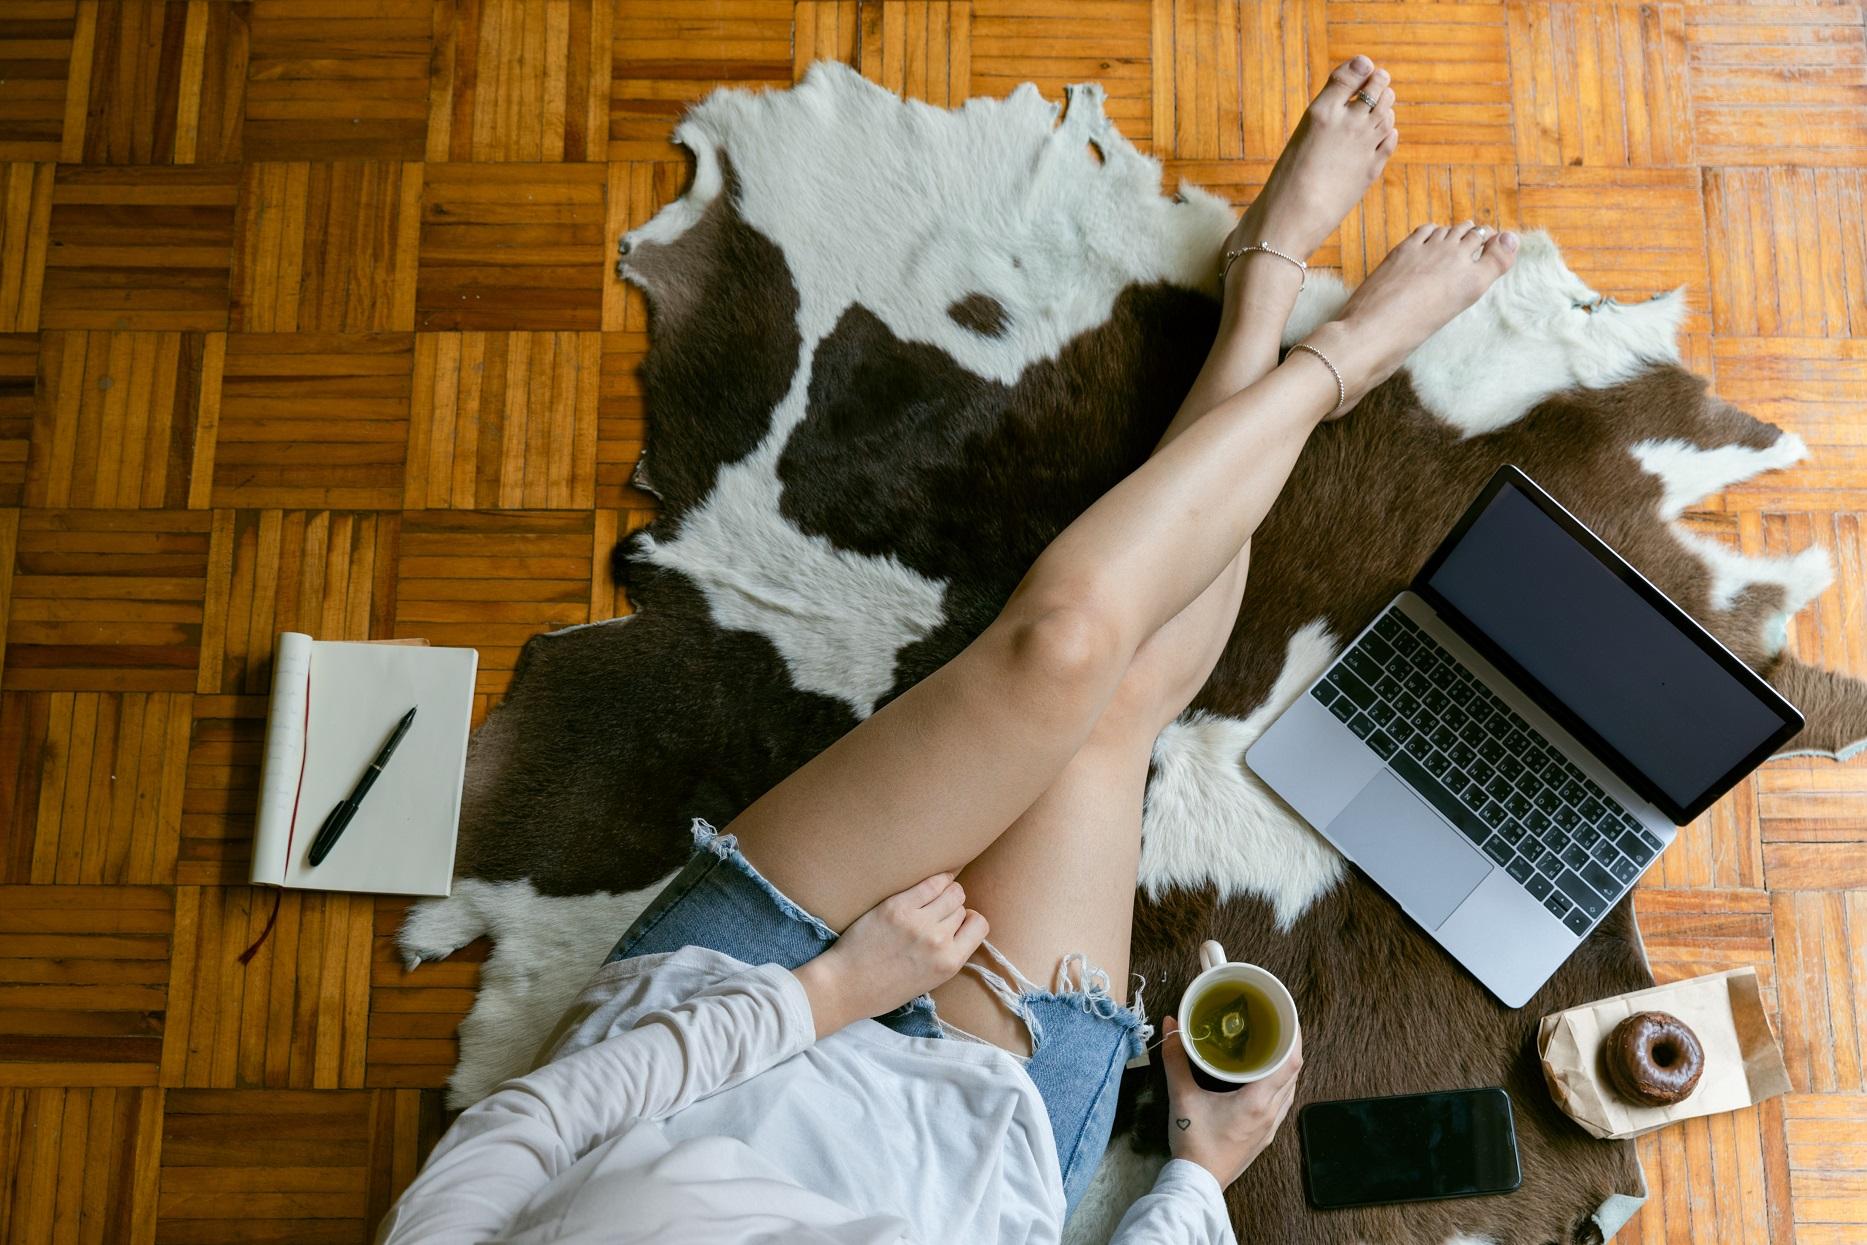 Netzwerken lernen in den Sozialen Netzwerken: Das Internet erleichtert das Netzwerken ungemein.